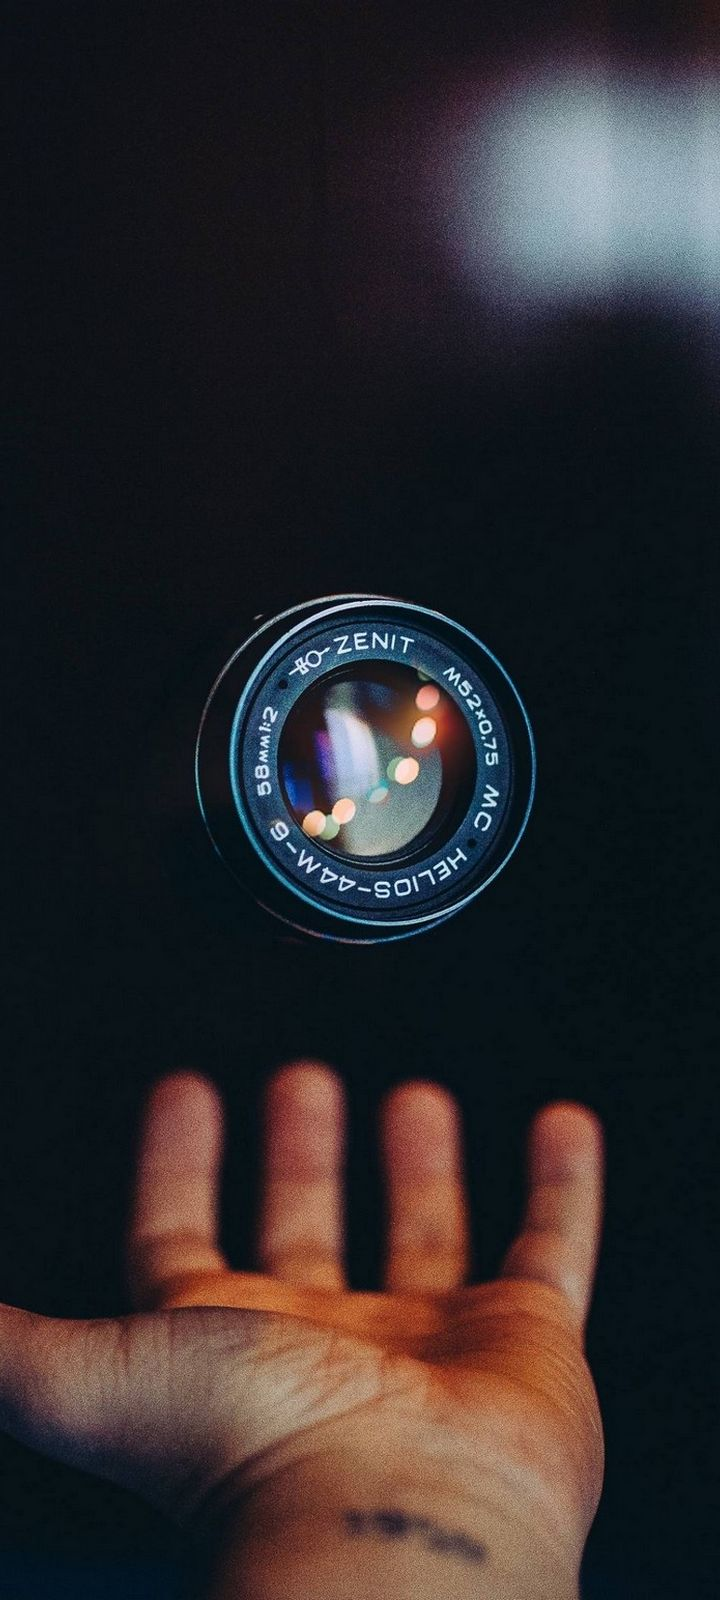 Lens Hand Camera Technology Wallpaper 720x1600